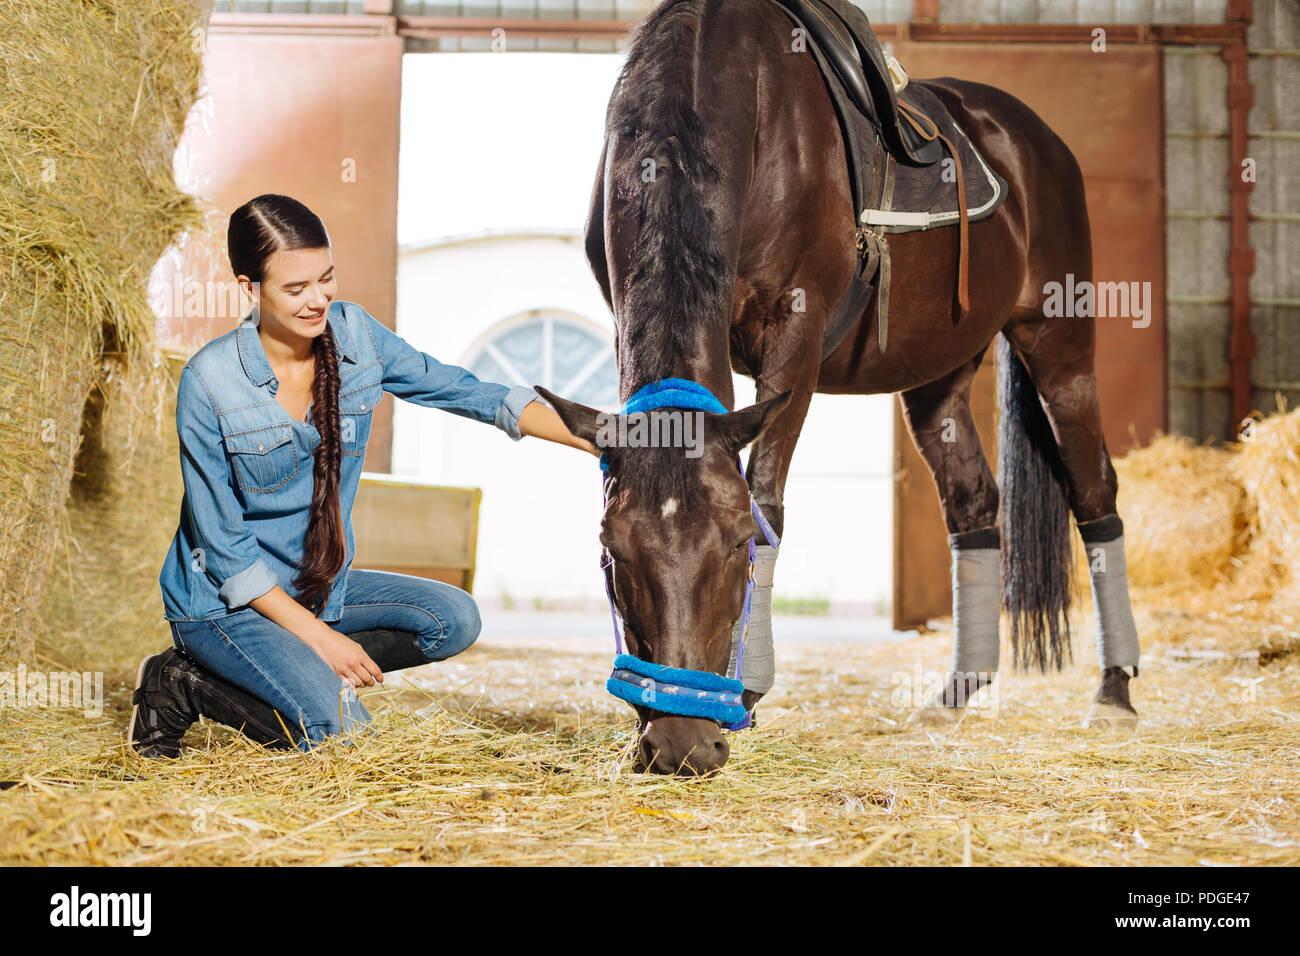 Strahlende dunkelhaarigen weiblichen Rider ihre schönen Pferd besuchen Stockbild